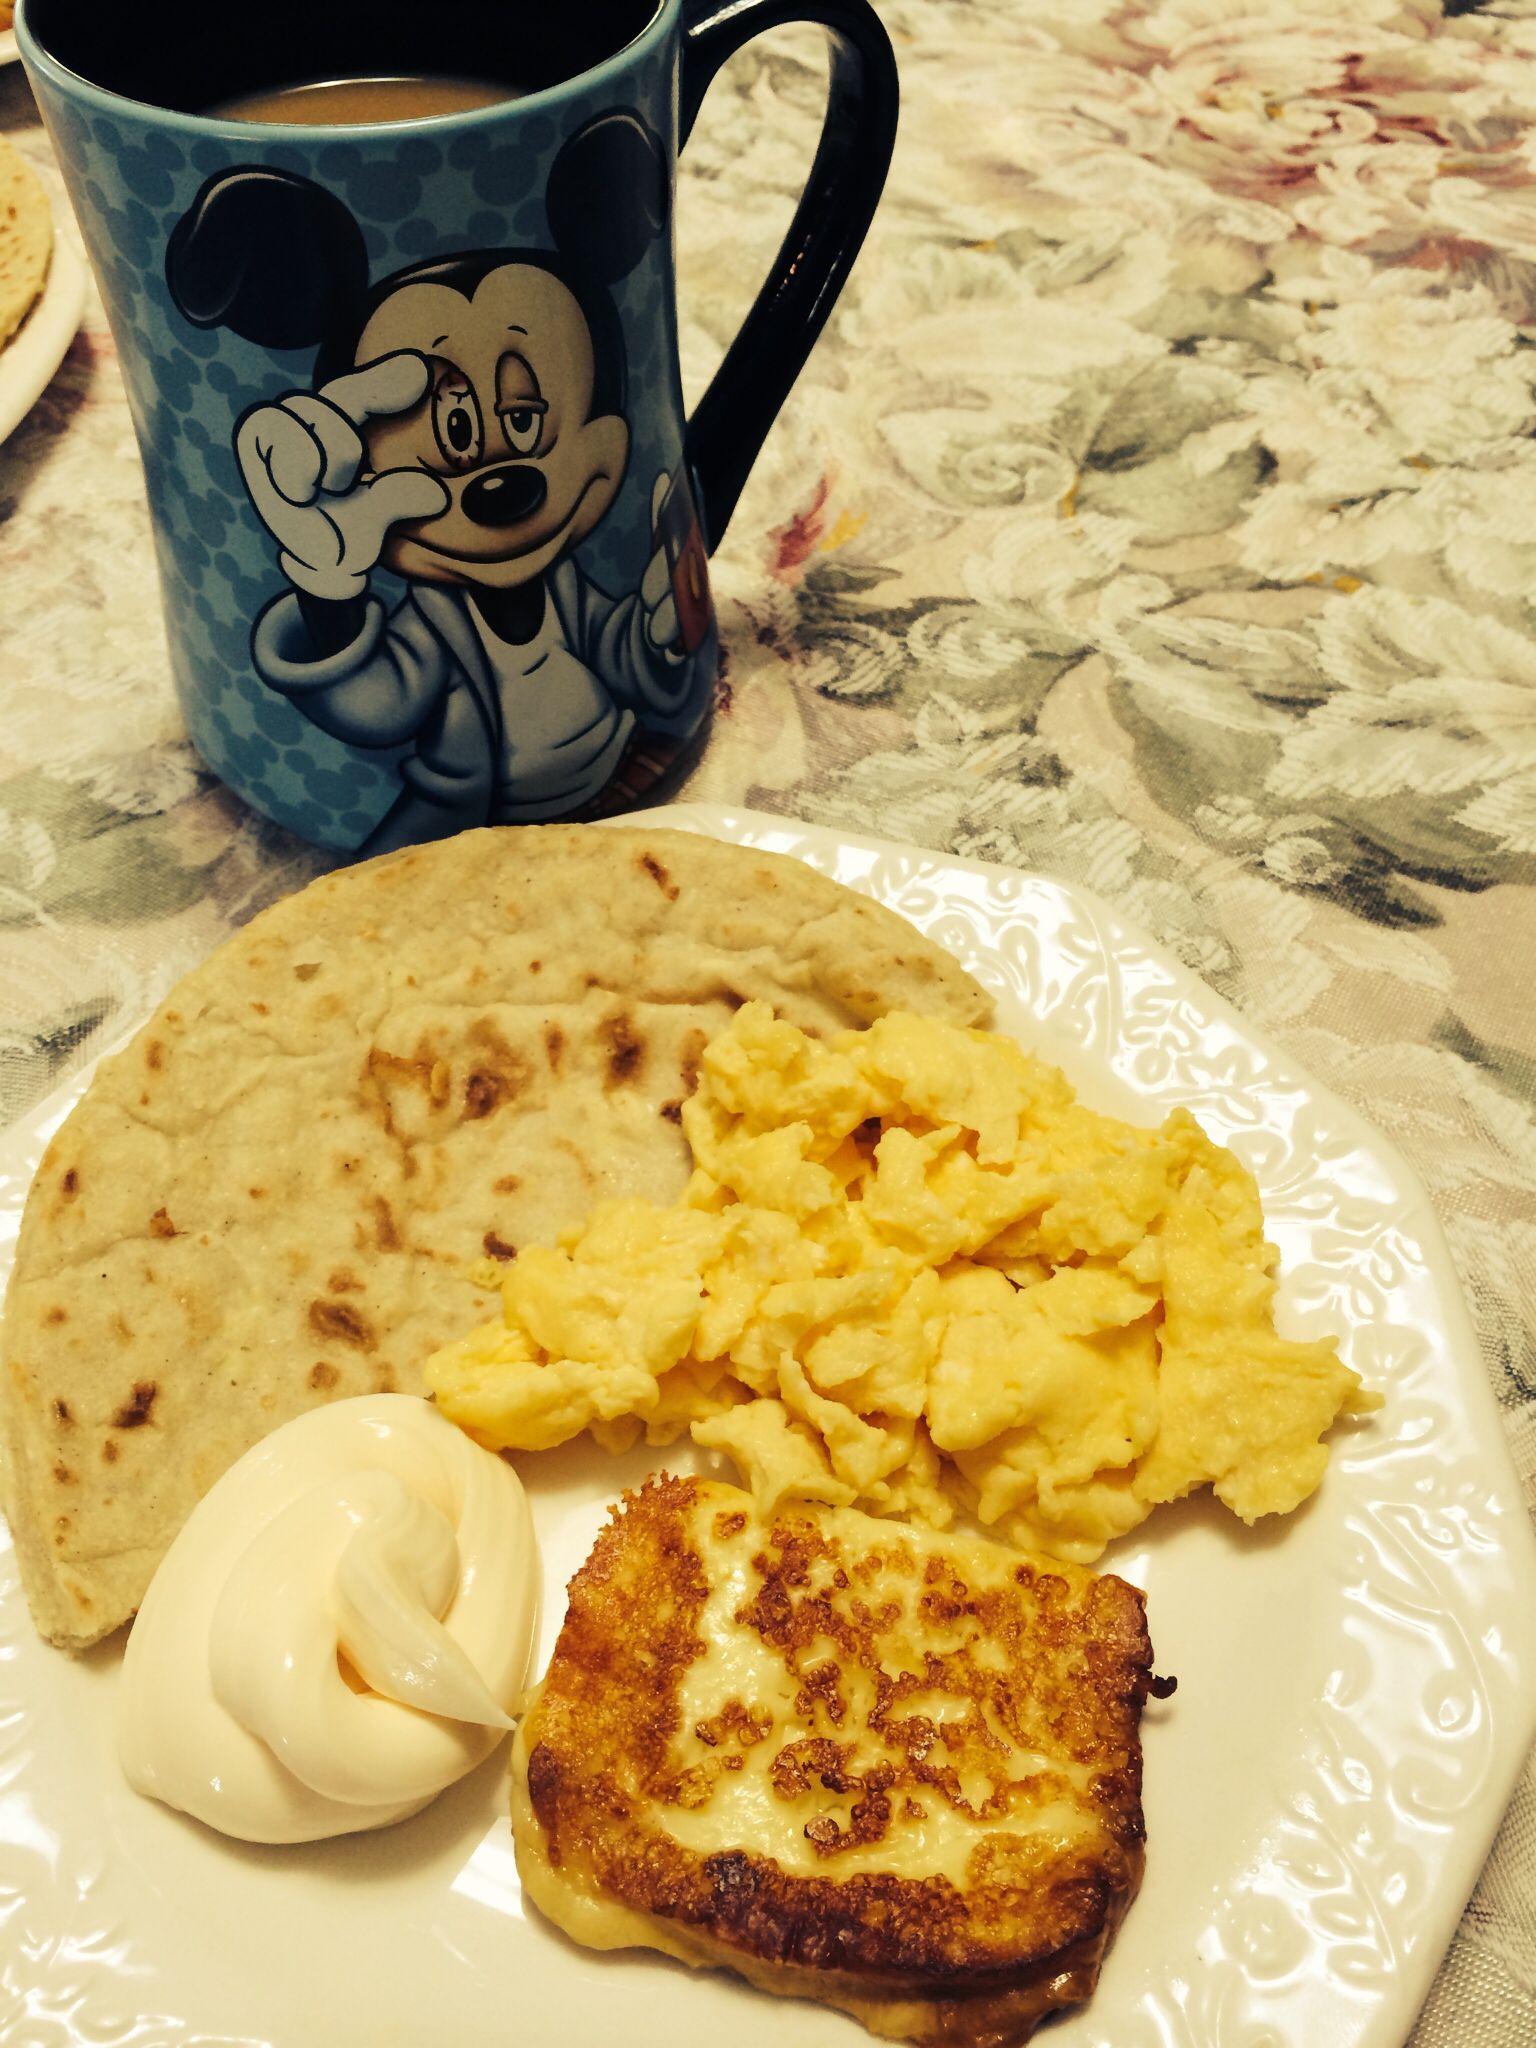 Desayuno t pico costarricense s lo falt el gallo pinto for Desayuno frances tradicional